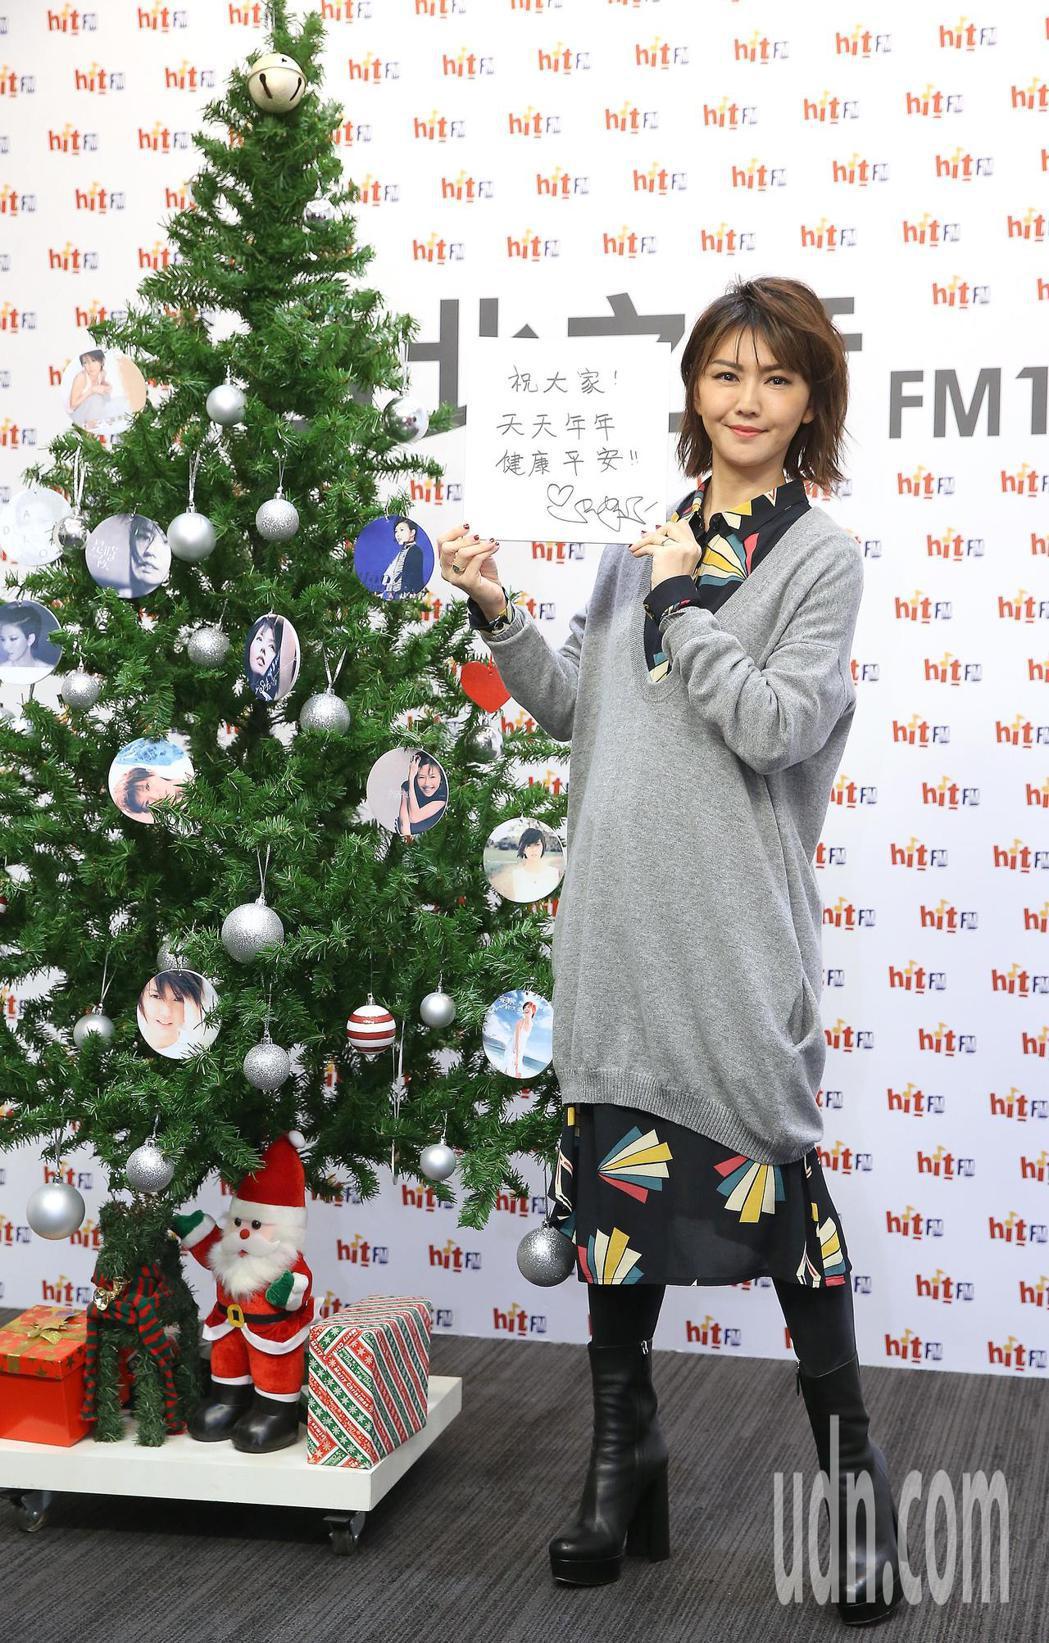 歌手孫燕姿下午出席電台活動宣傳專輯。記者高彬原/攝影